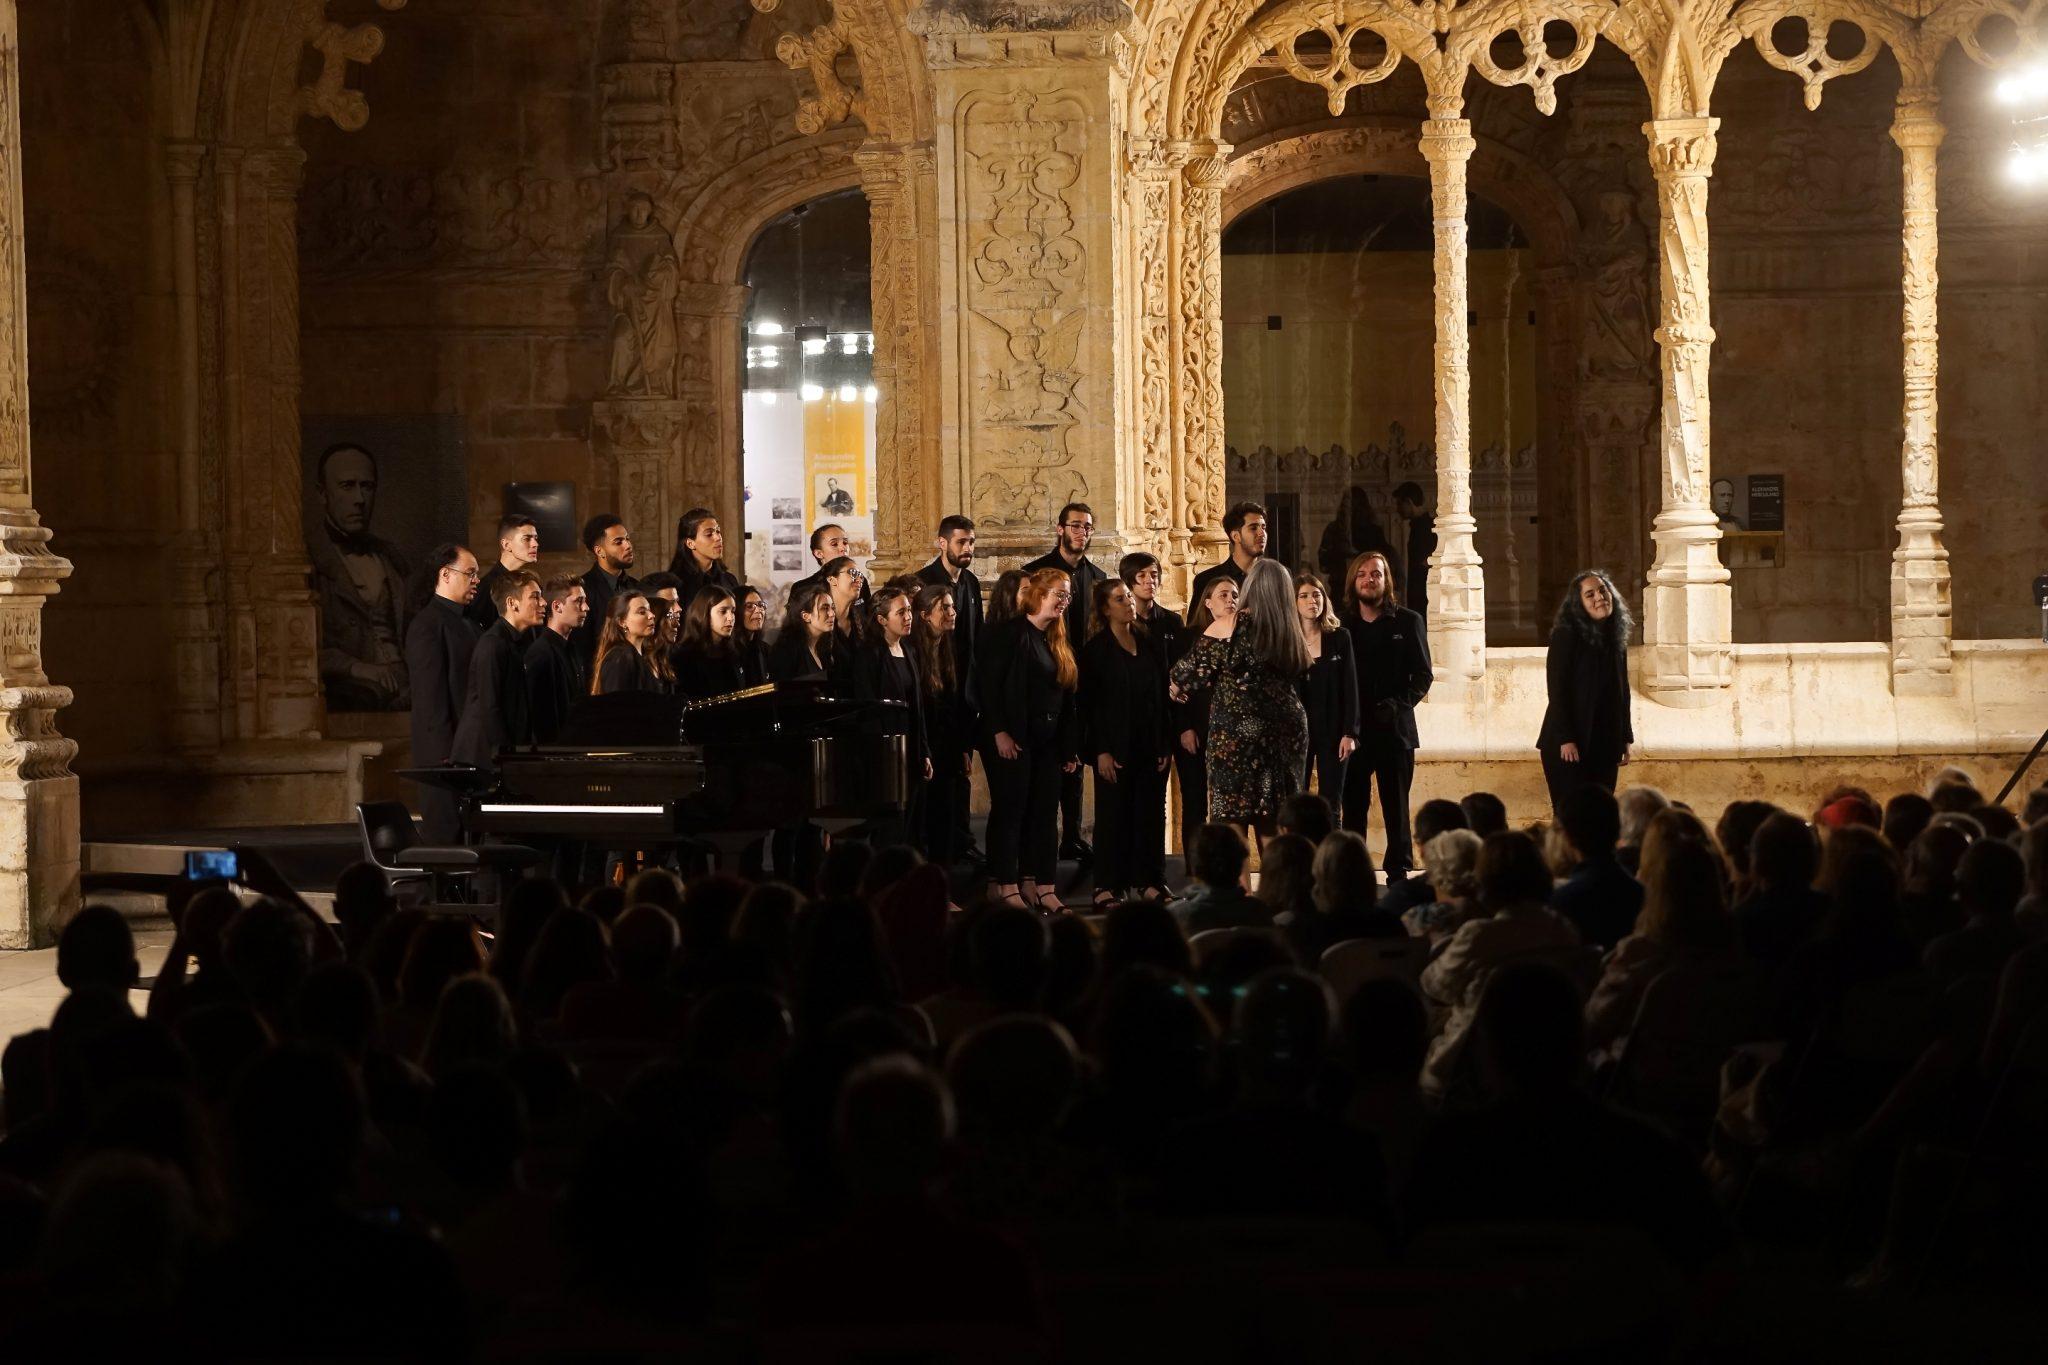 Grupo de cantores de coro vestidos de negro atuam no Claustro do Mosteiro dos Jerónimos à noite.